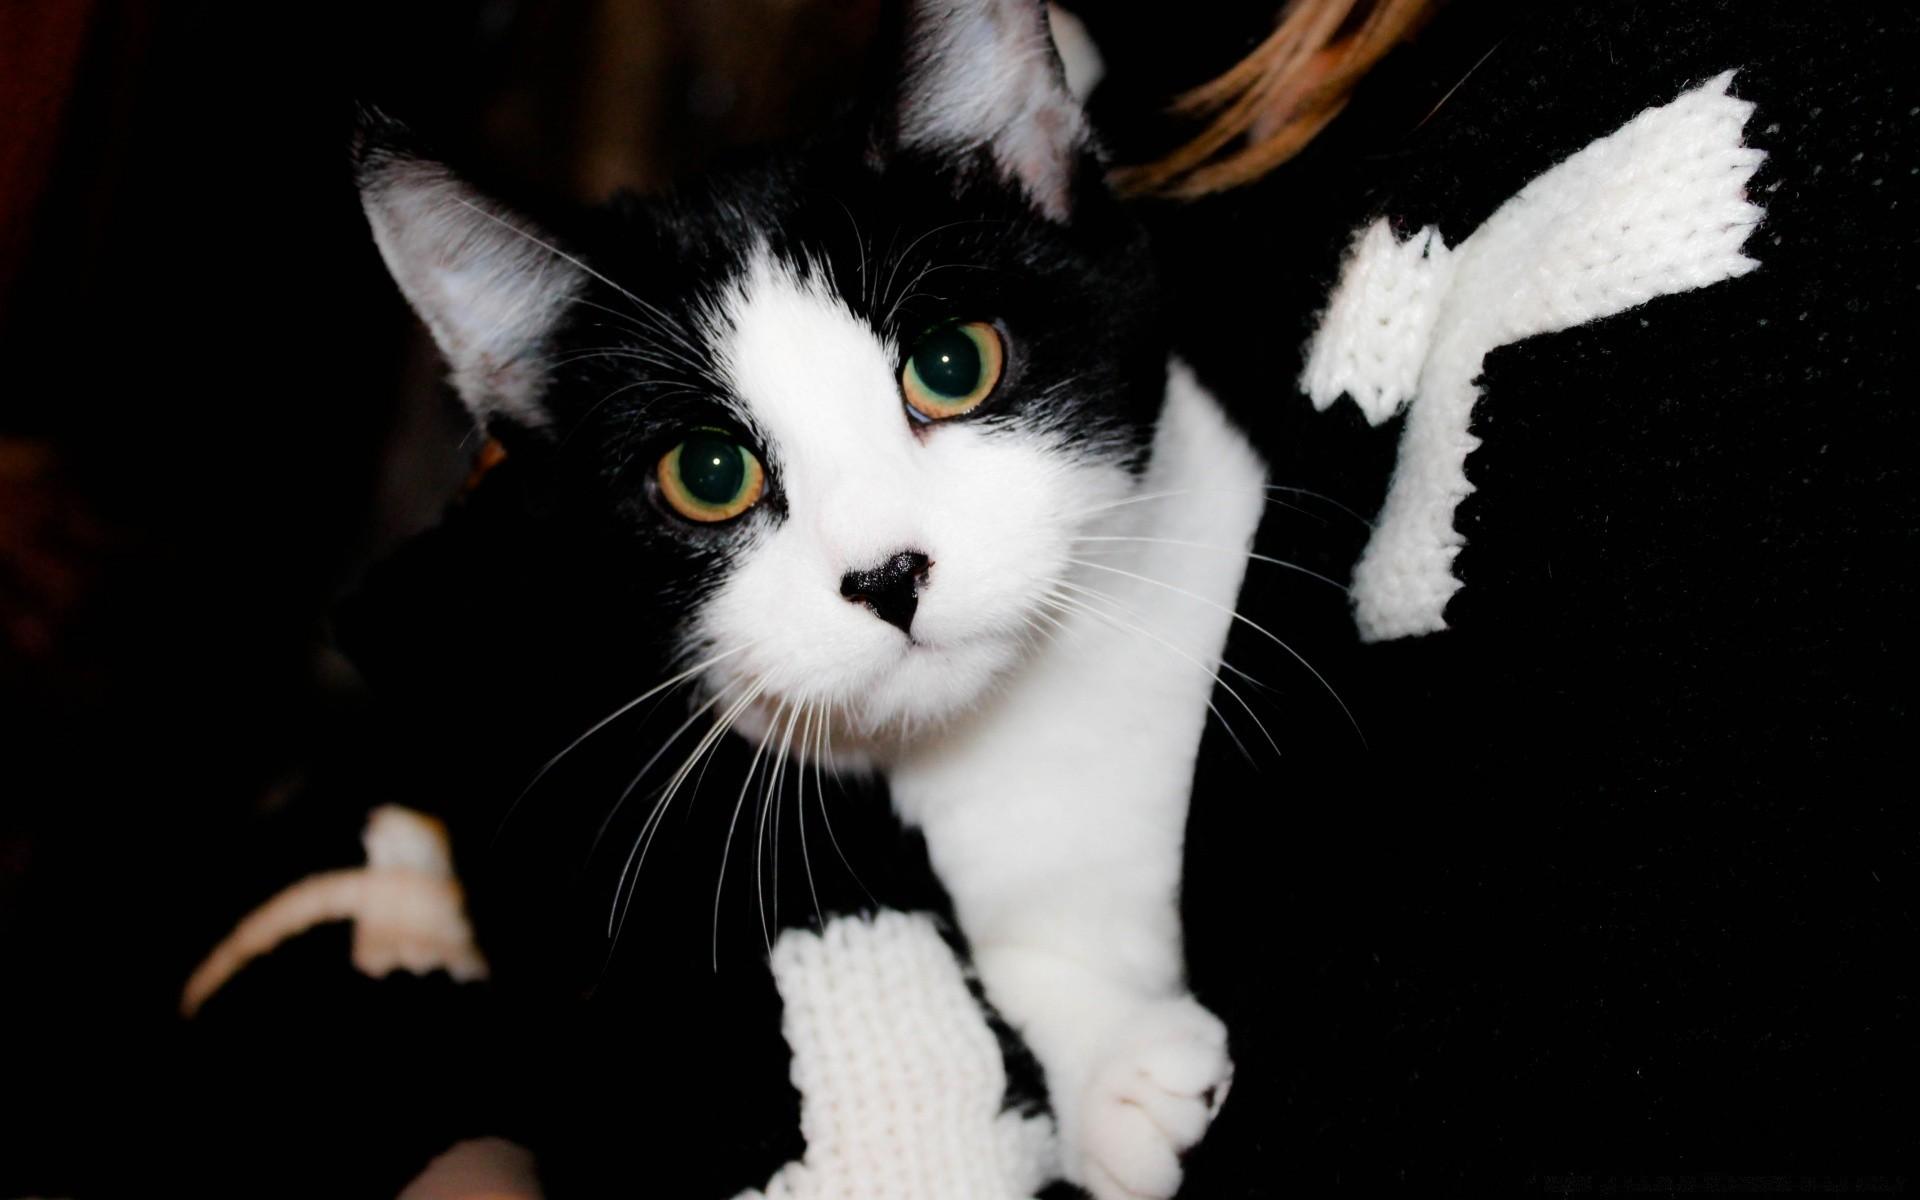 связывается черный и белый котята на столе картинка въезде город